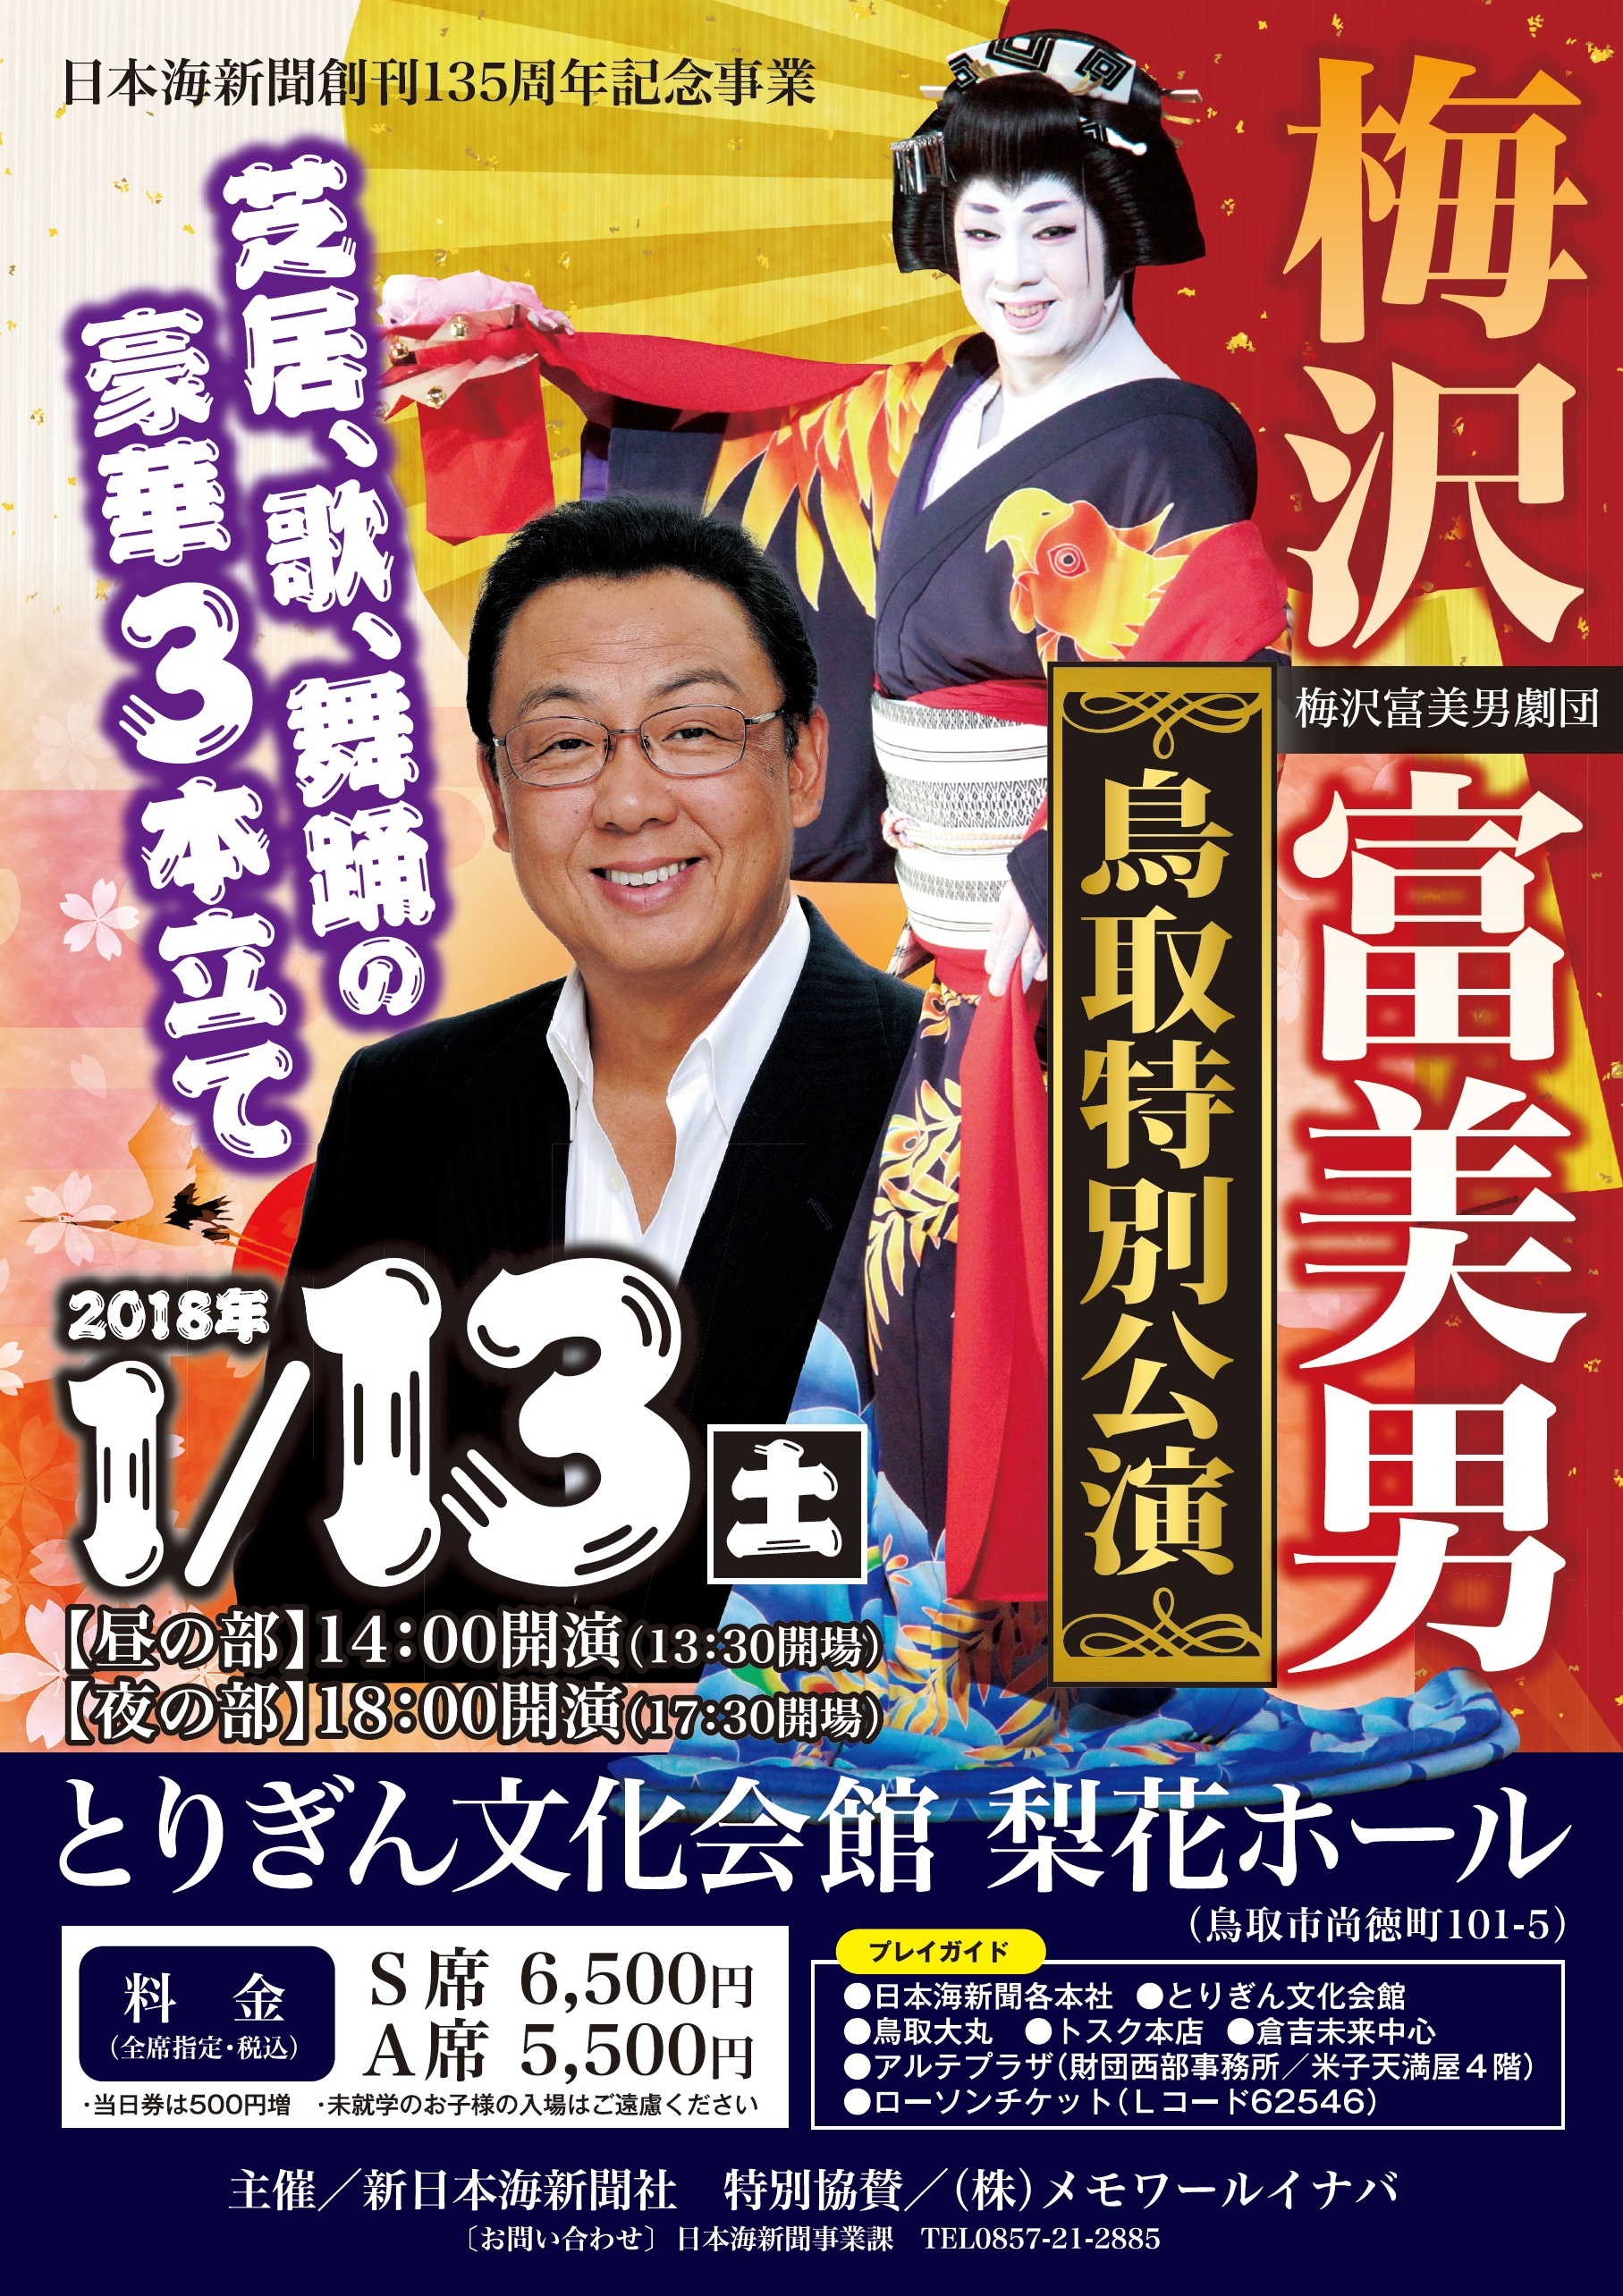 出演・公演情報 | 梅沢富美男チャンネル